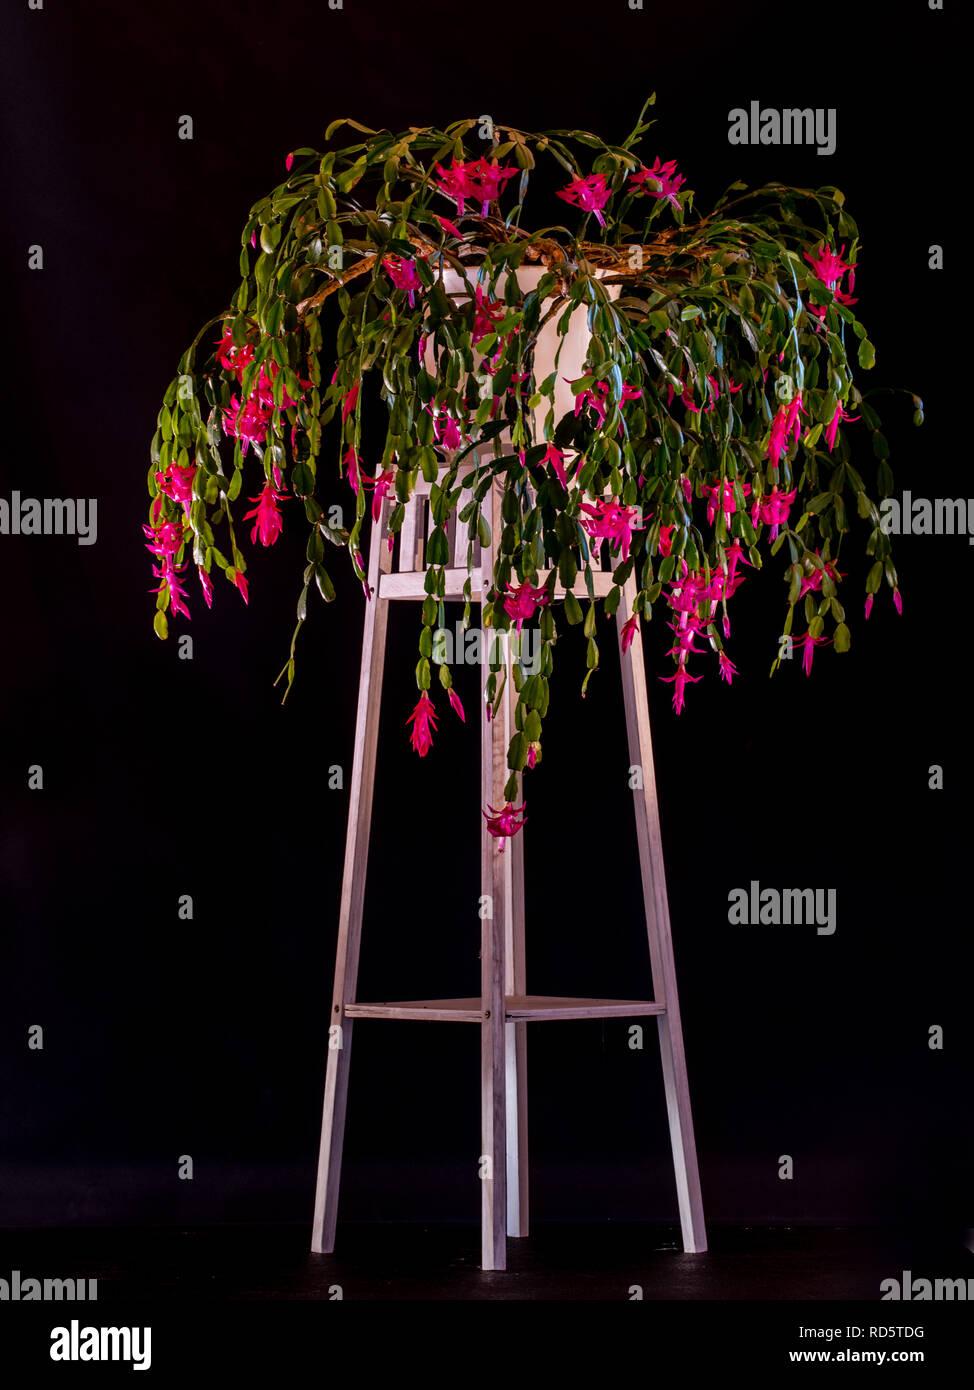 Schlumbergera Weihnachtskaktus oder als Zimmerpflanze auf ein Podest mit einem schwarzen Hintergrund gewachsen. Blüte im Januar. Stockbild